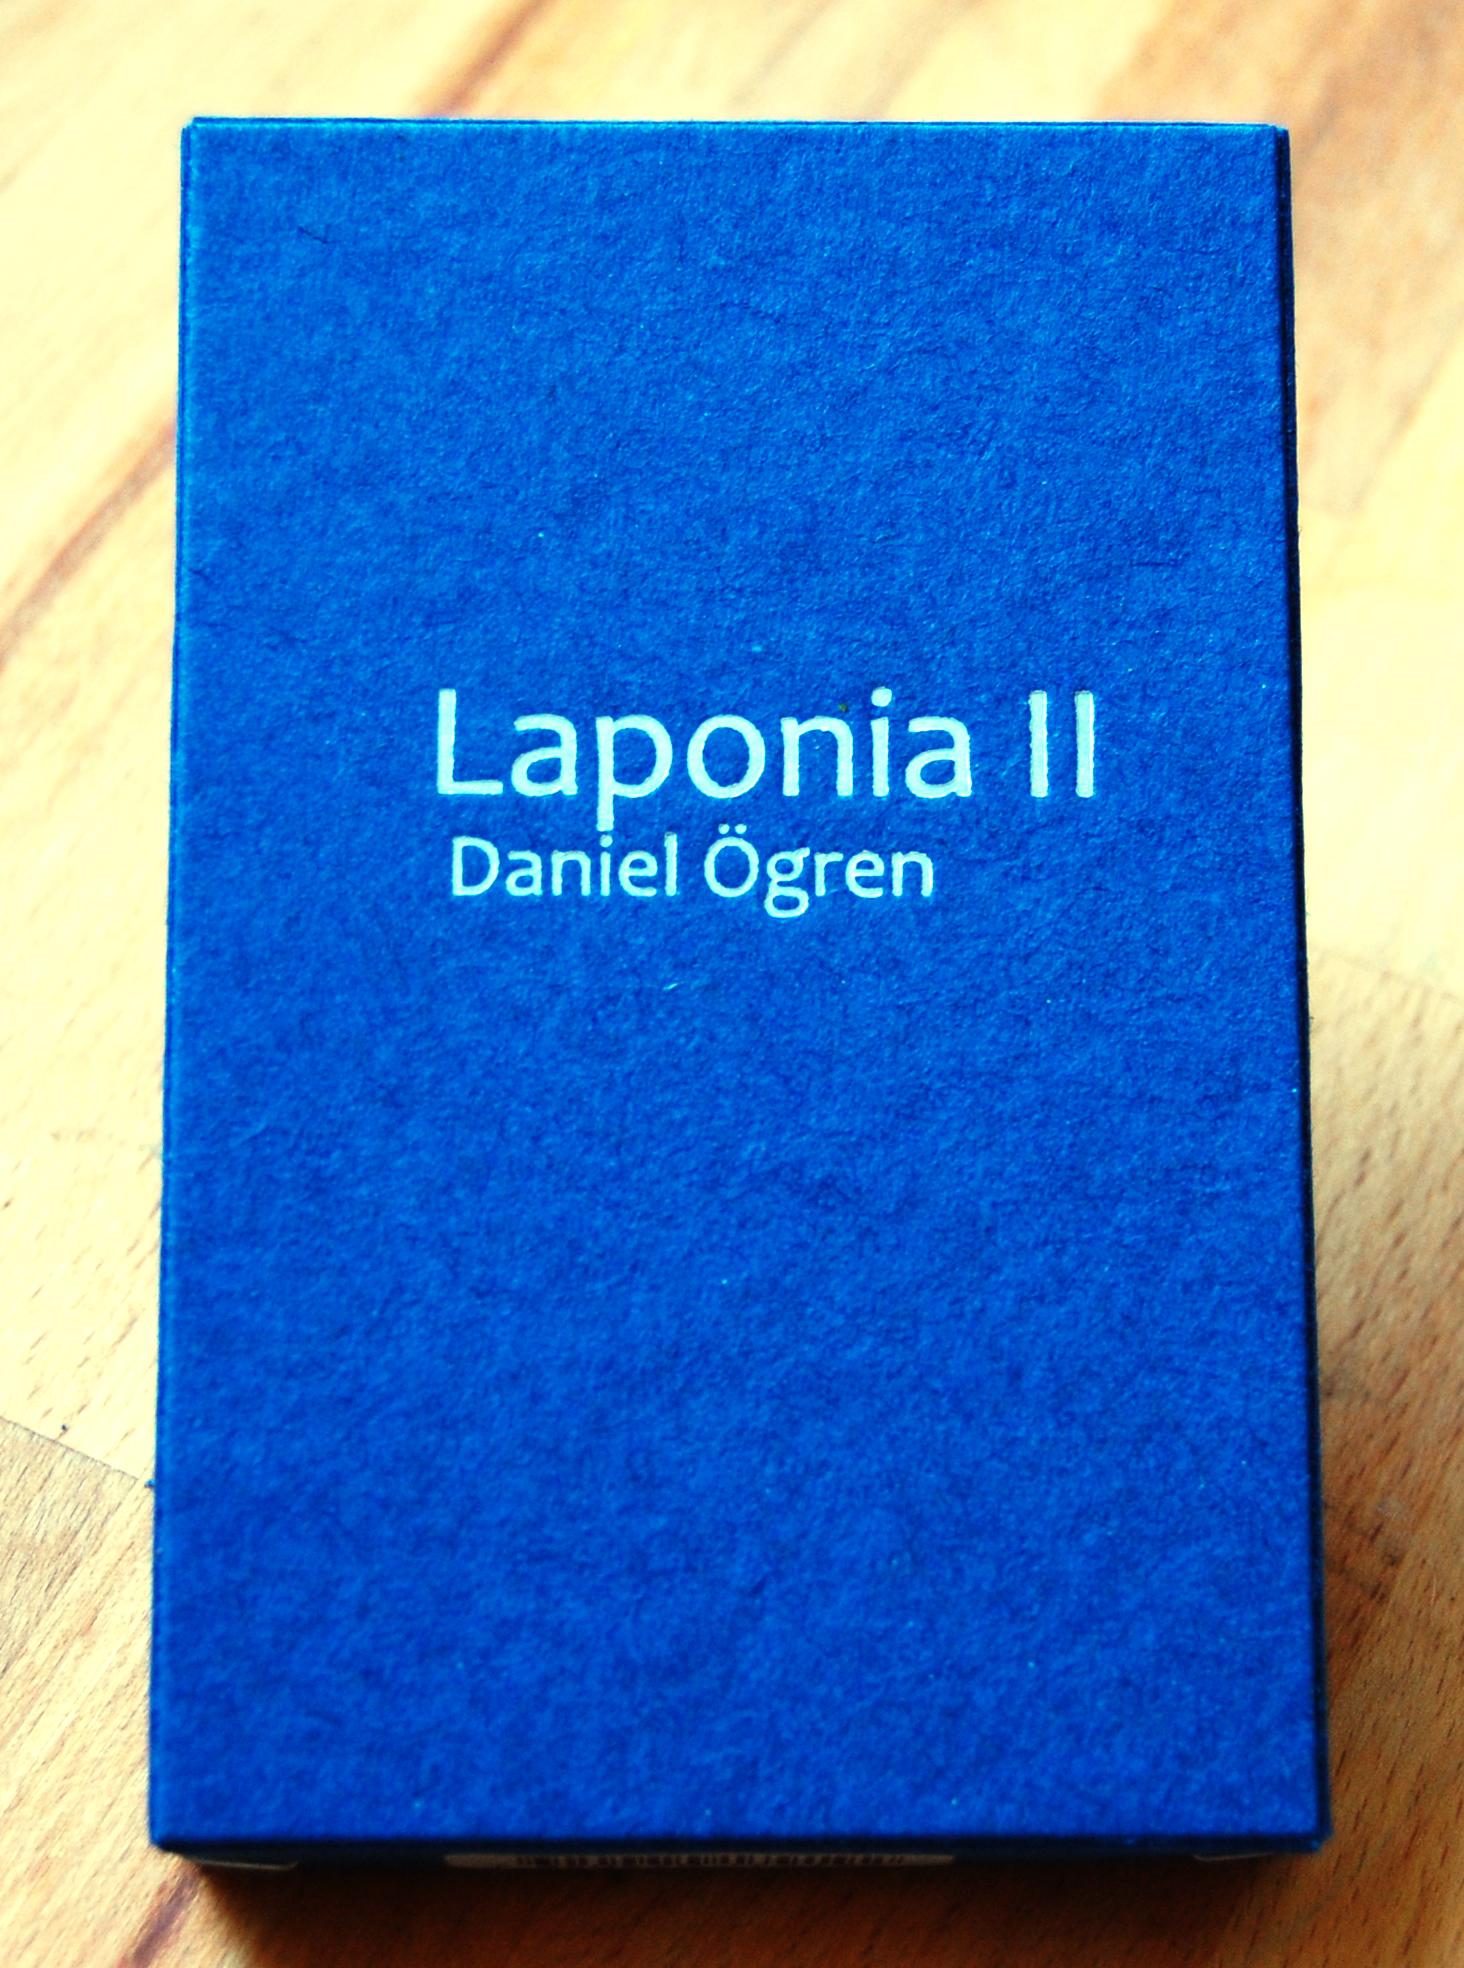 Daniel Ögren - Laponia II